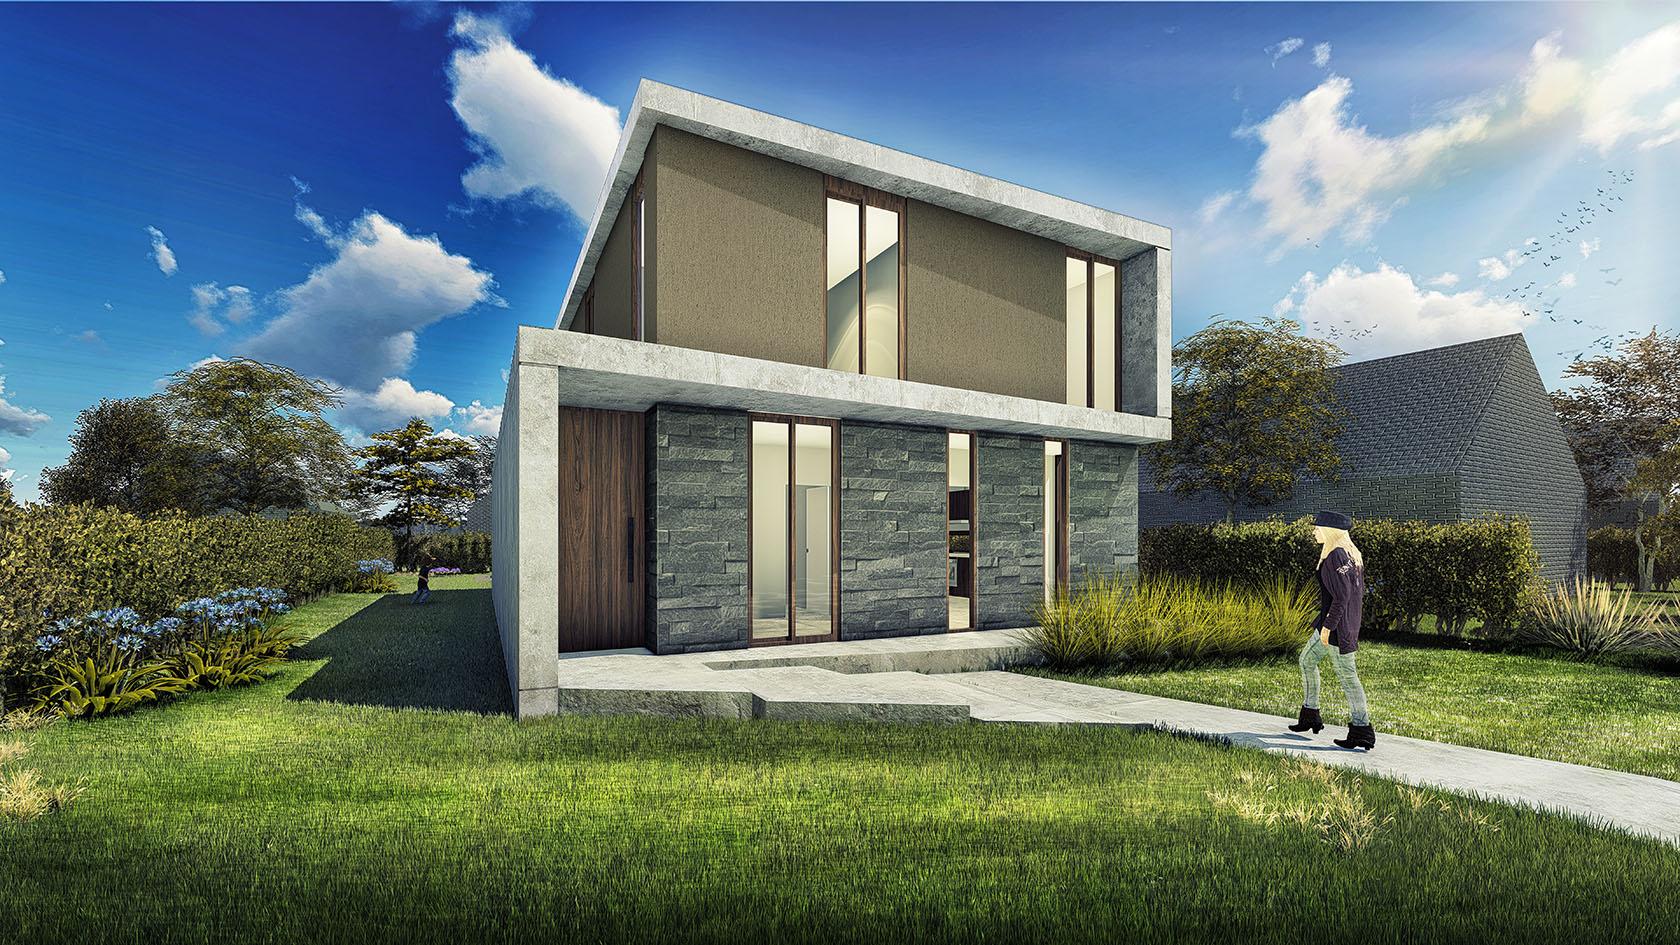 Vista de frente de casa moderna, diseño de fachadas modernas en casas, fachada con hormigón y piedra